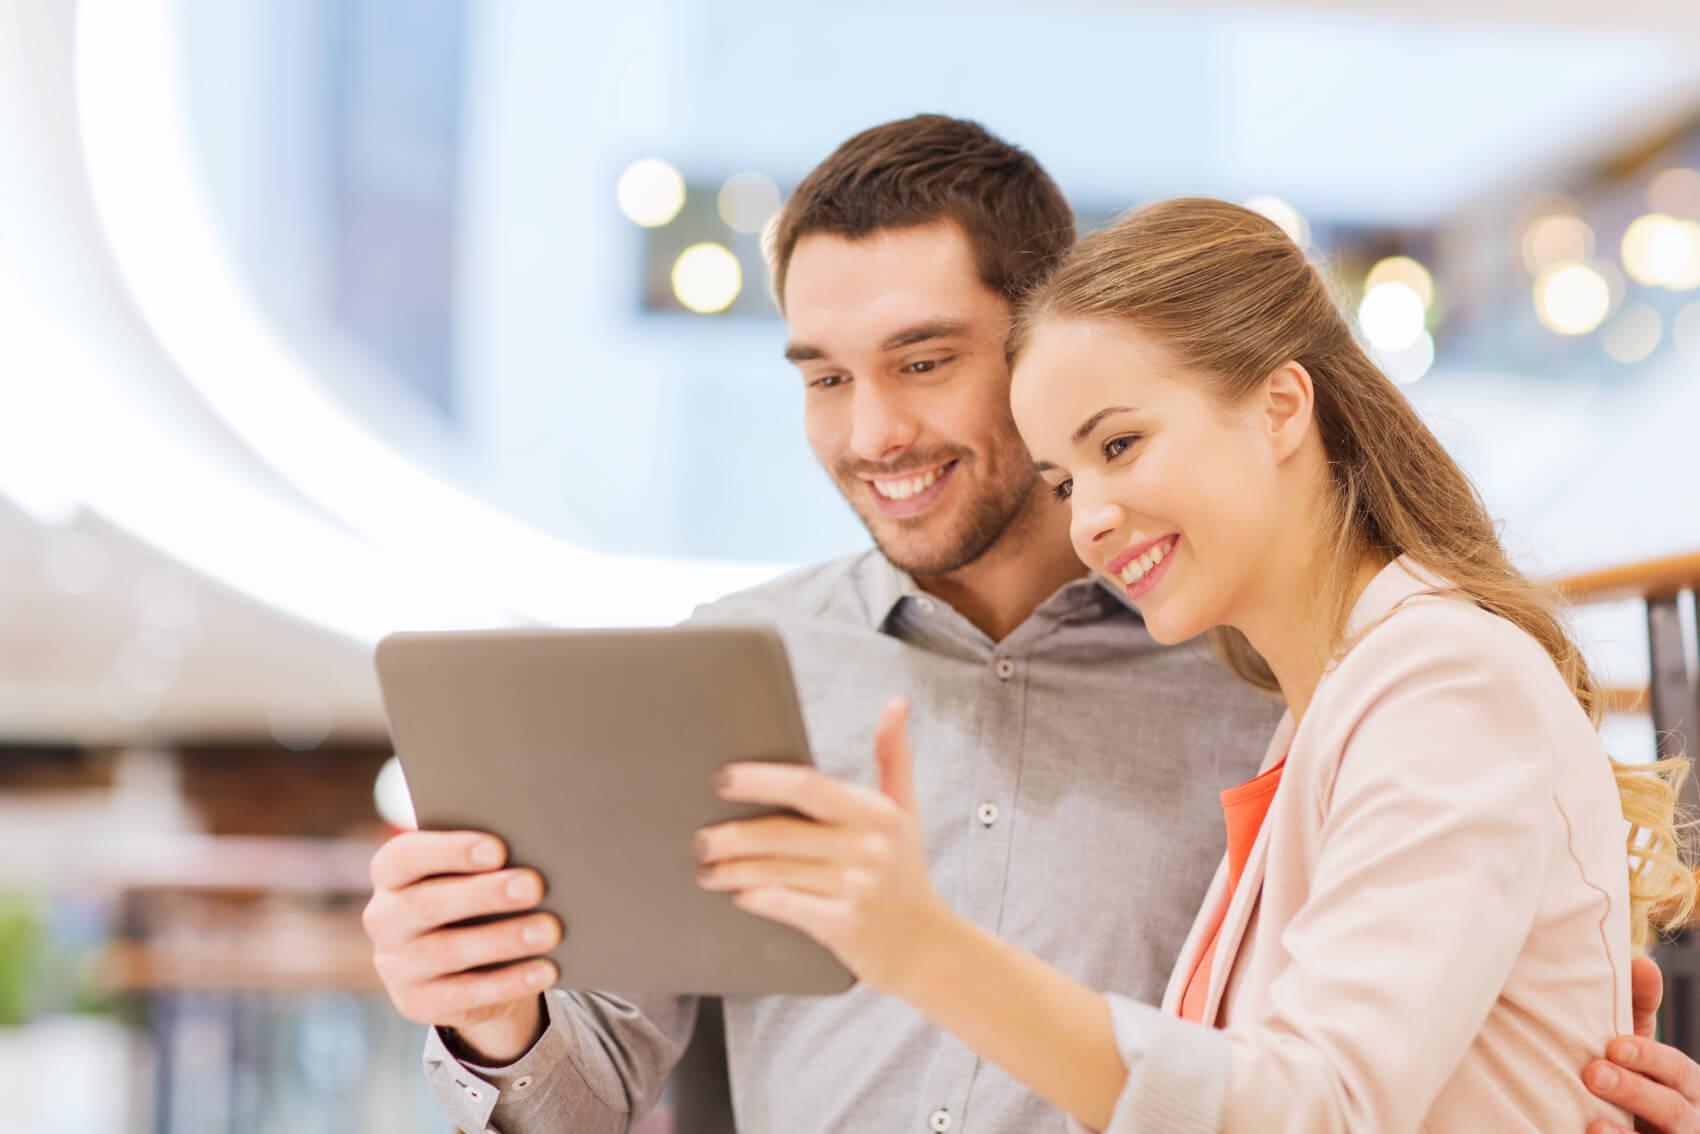 Pärchen-Beim-Einkaufen-mit-Tablet